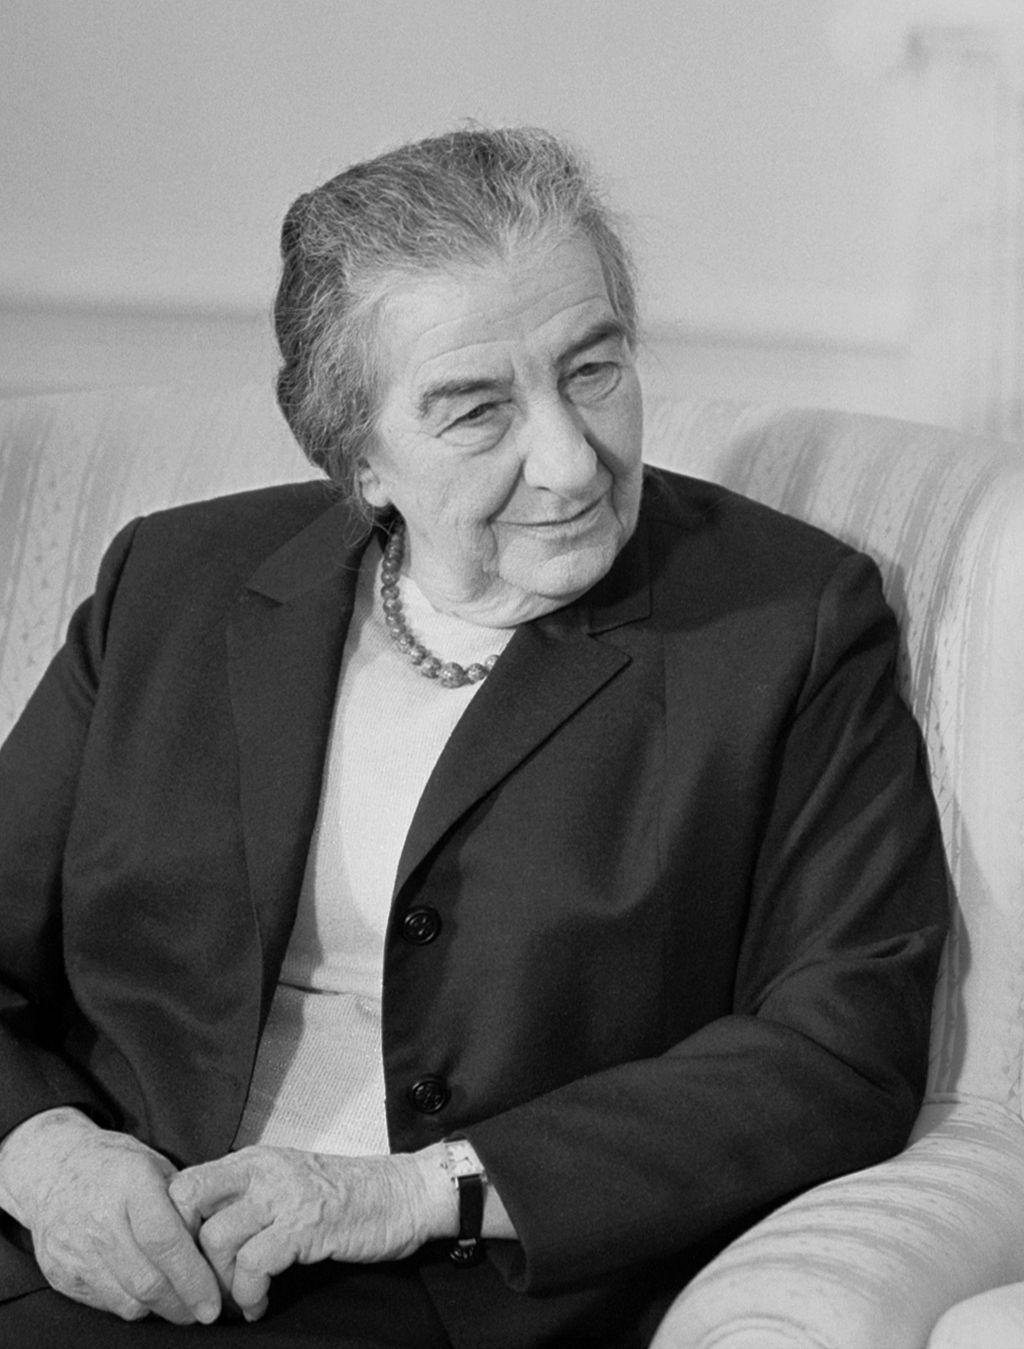 Golda Meir, former Israeli Prime Minister